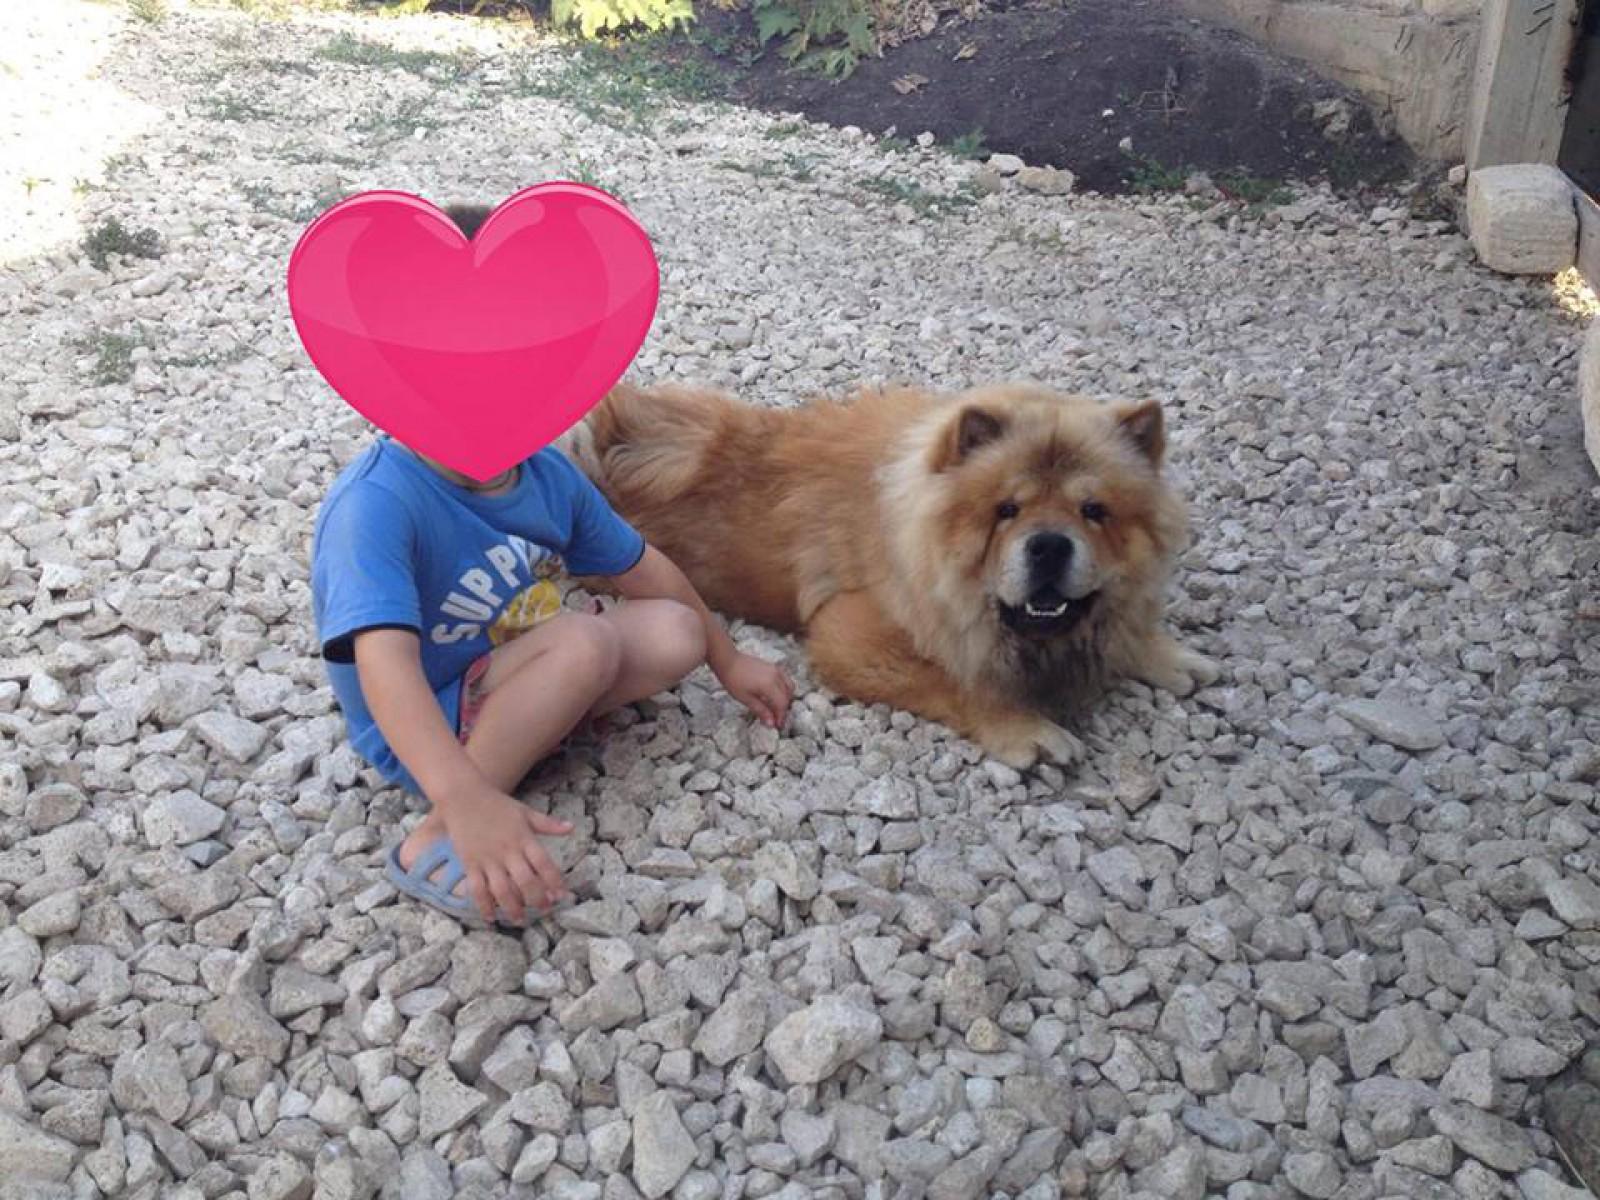 (foto) Caz ieșit din comun în Ialoveni: Vecinul a intrat în ograda unei familii și i-a împușcat câinele de rasa Chow Chow